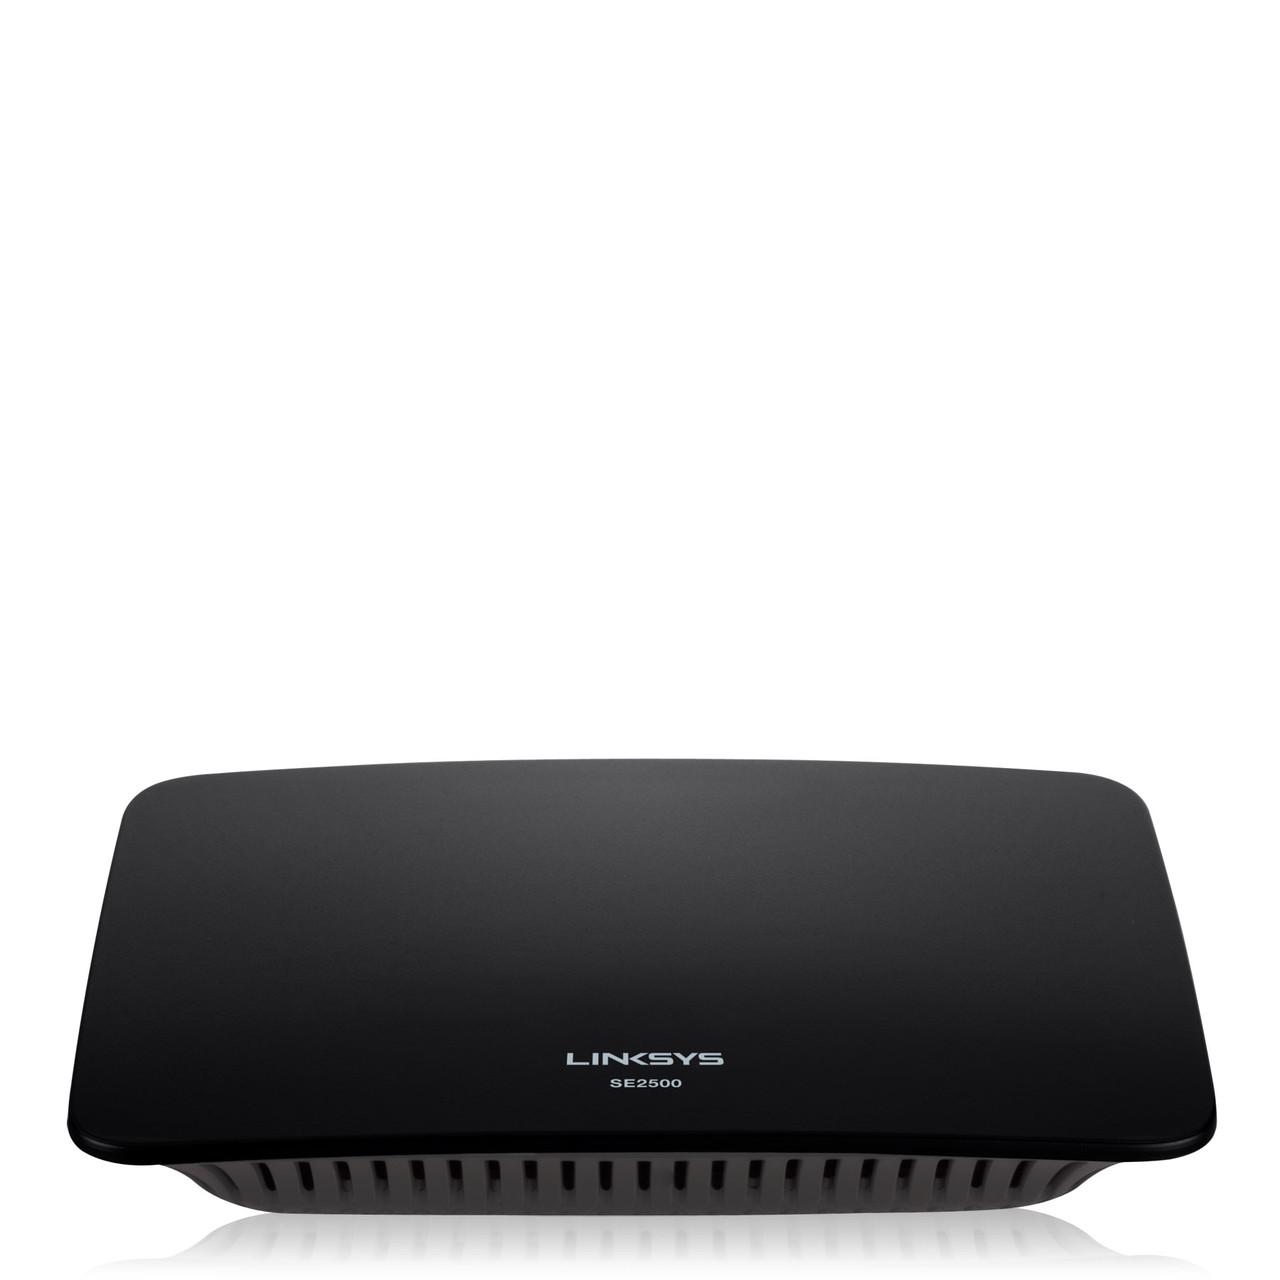 Коммутатор LINKSYS SE2500-EU 5-Port Gigabit Ethernet Switch